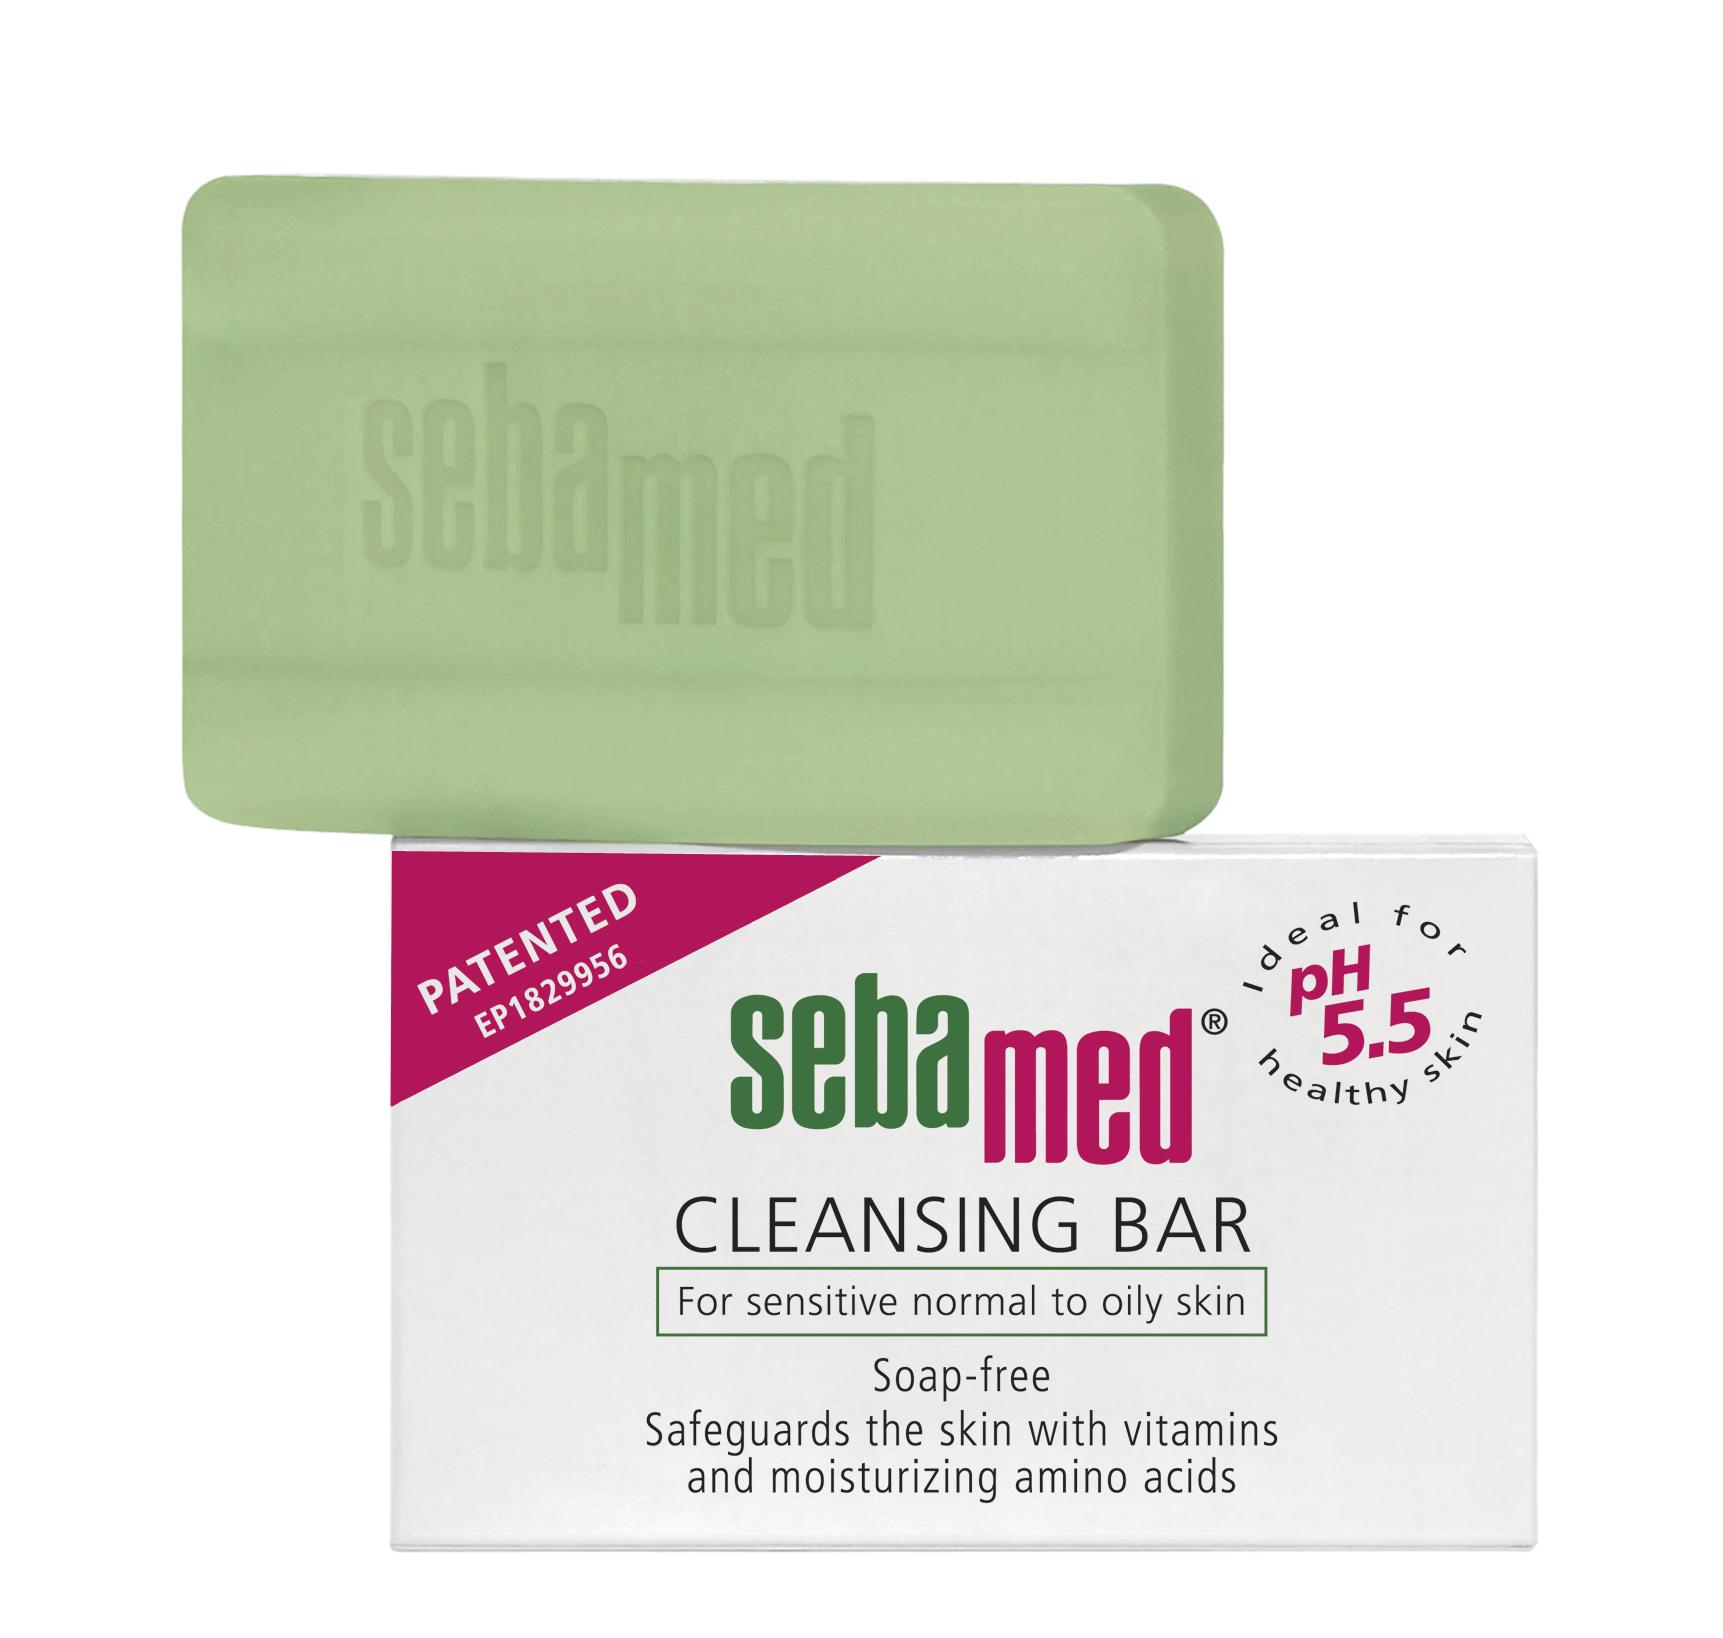 Sebamed Cleansing Bar pH 5.5